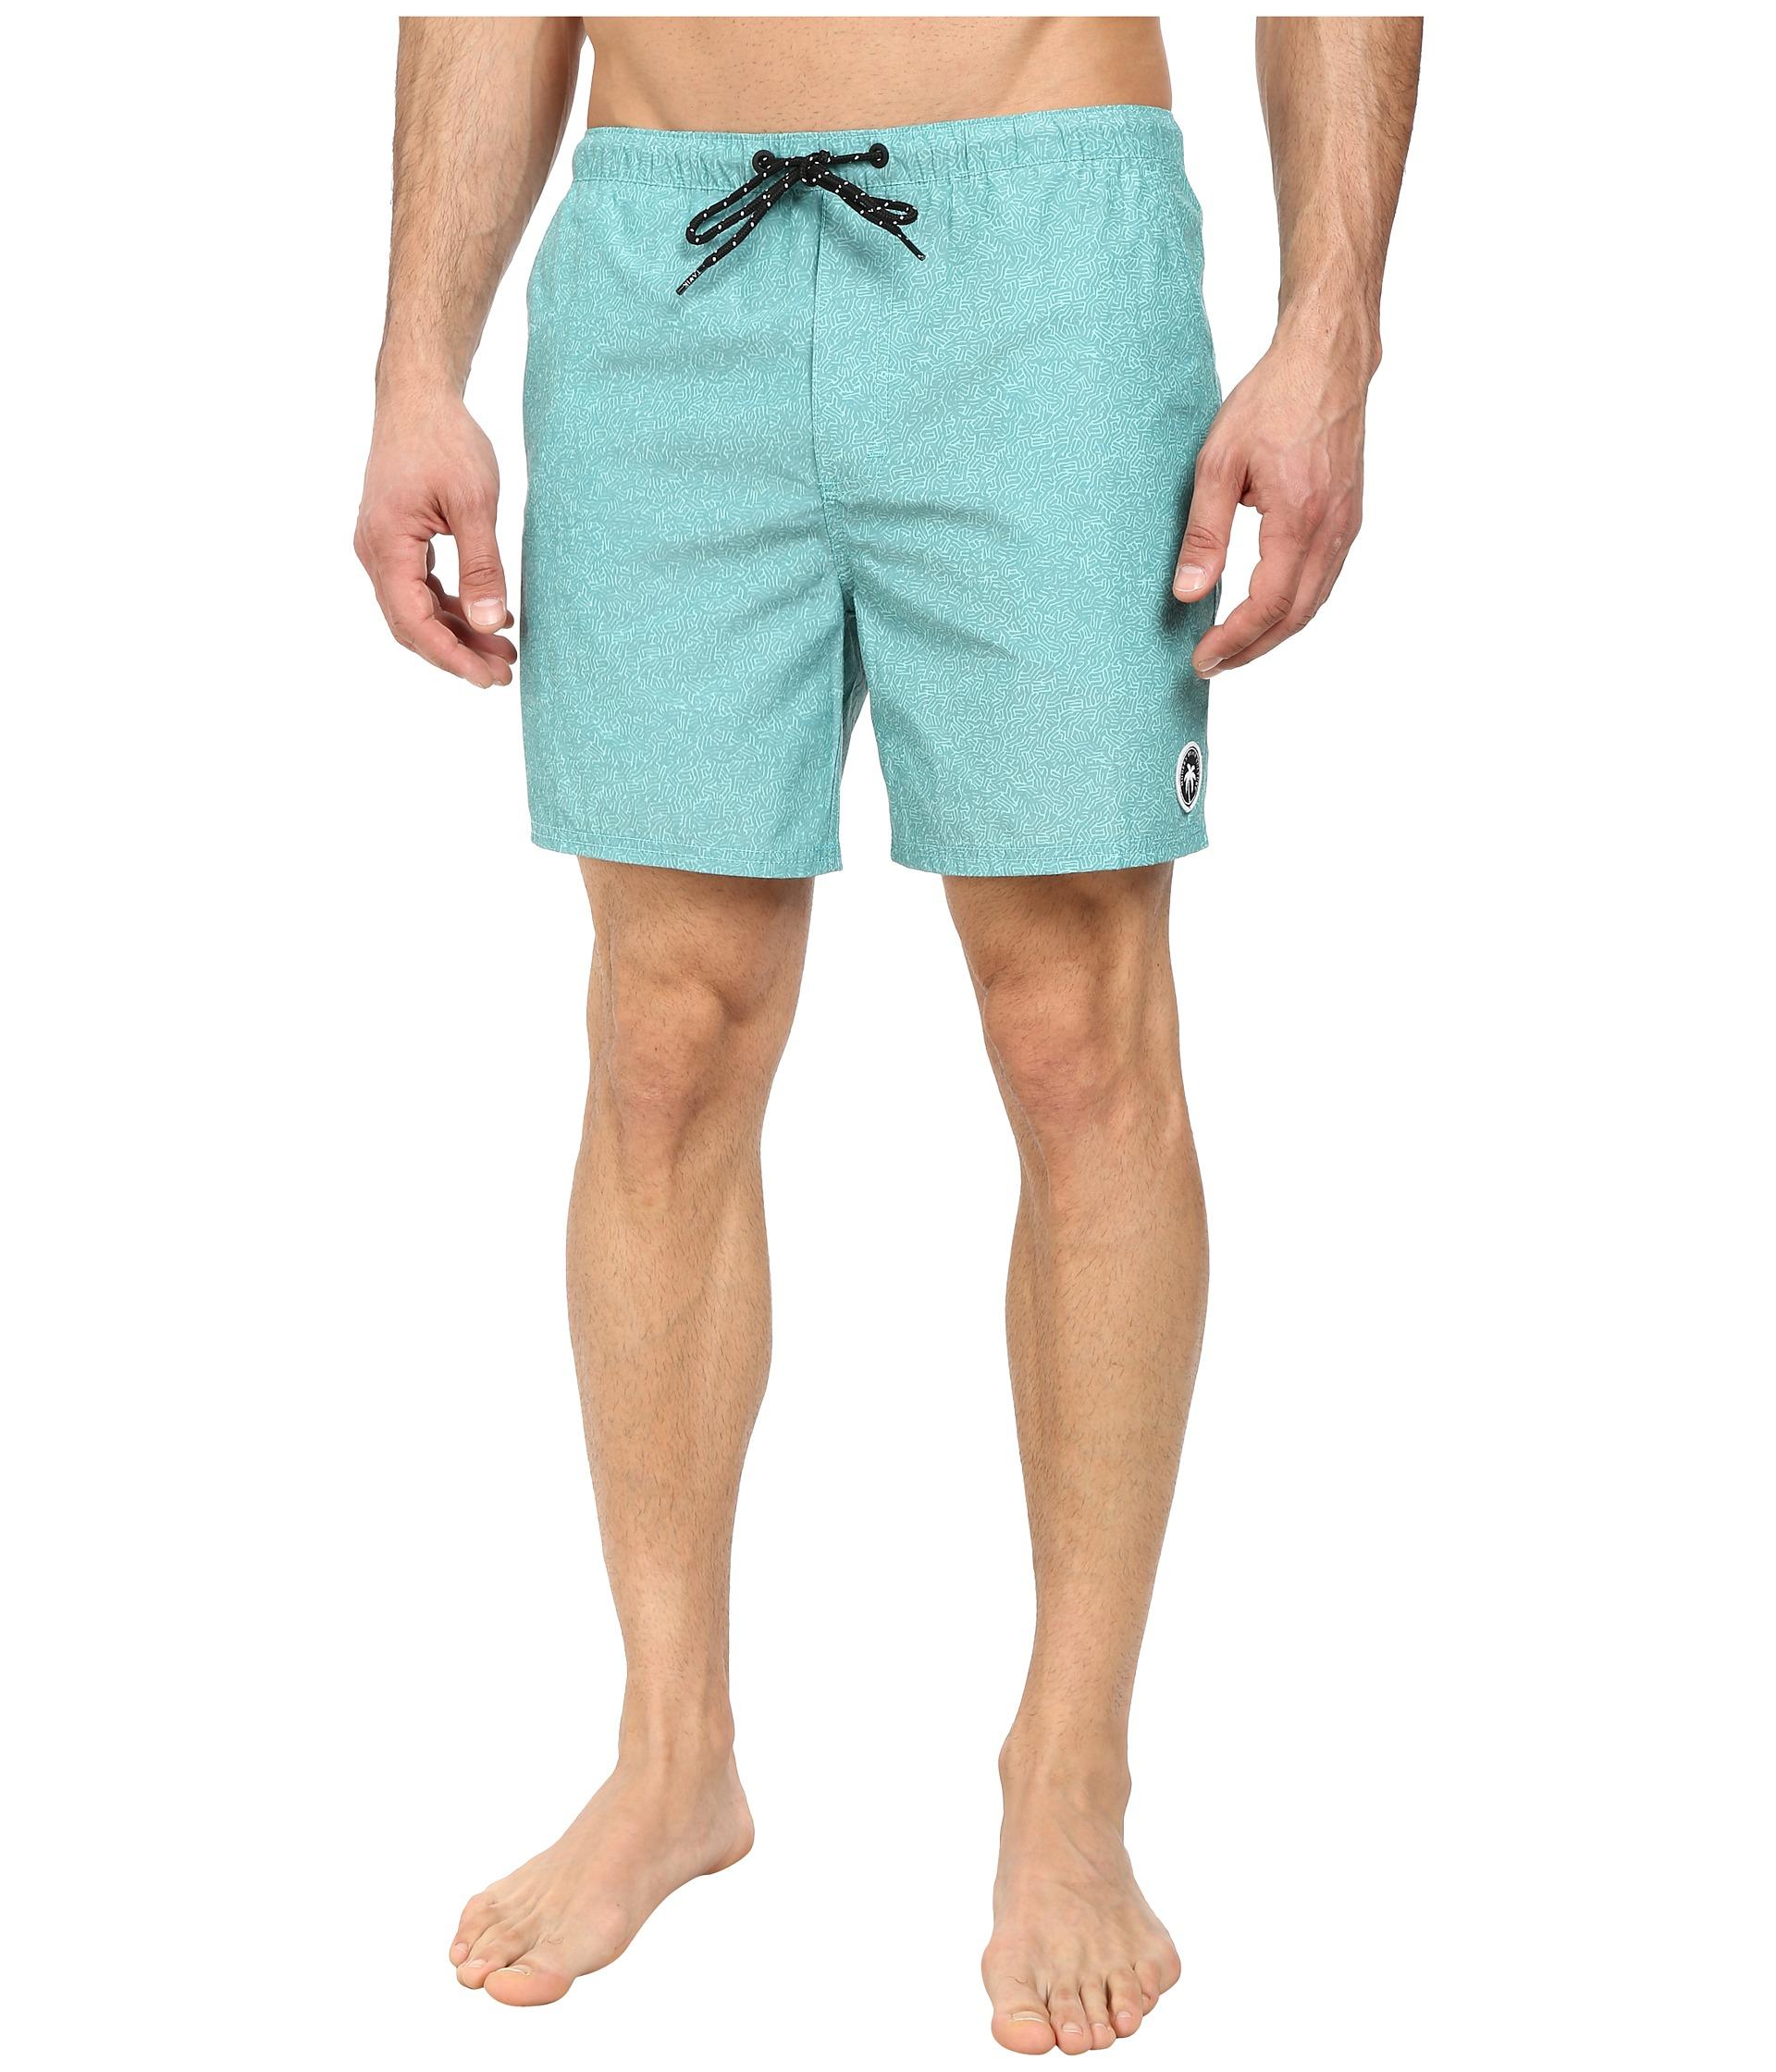 3a4d524c52 Tavik Belmont Boardshort in Blue for Men - Lyst